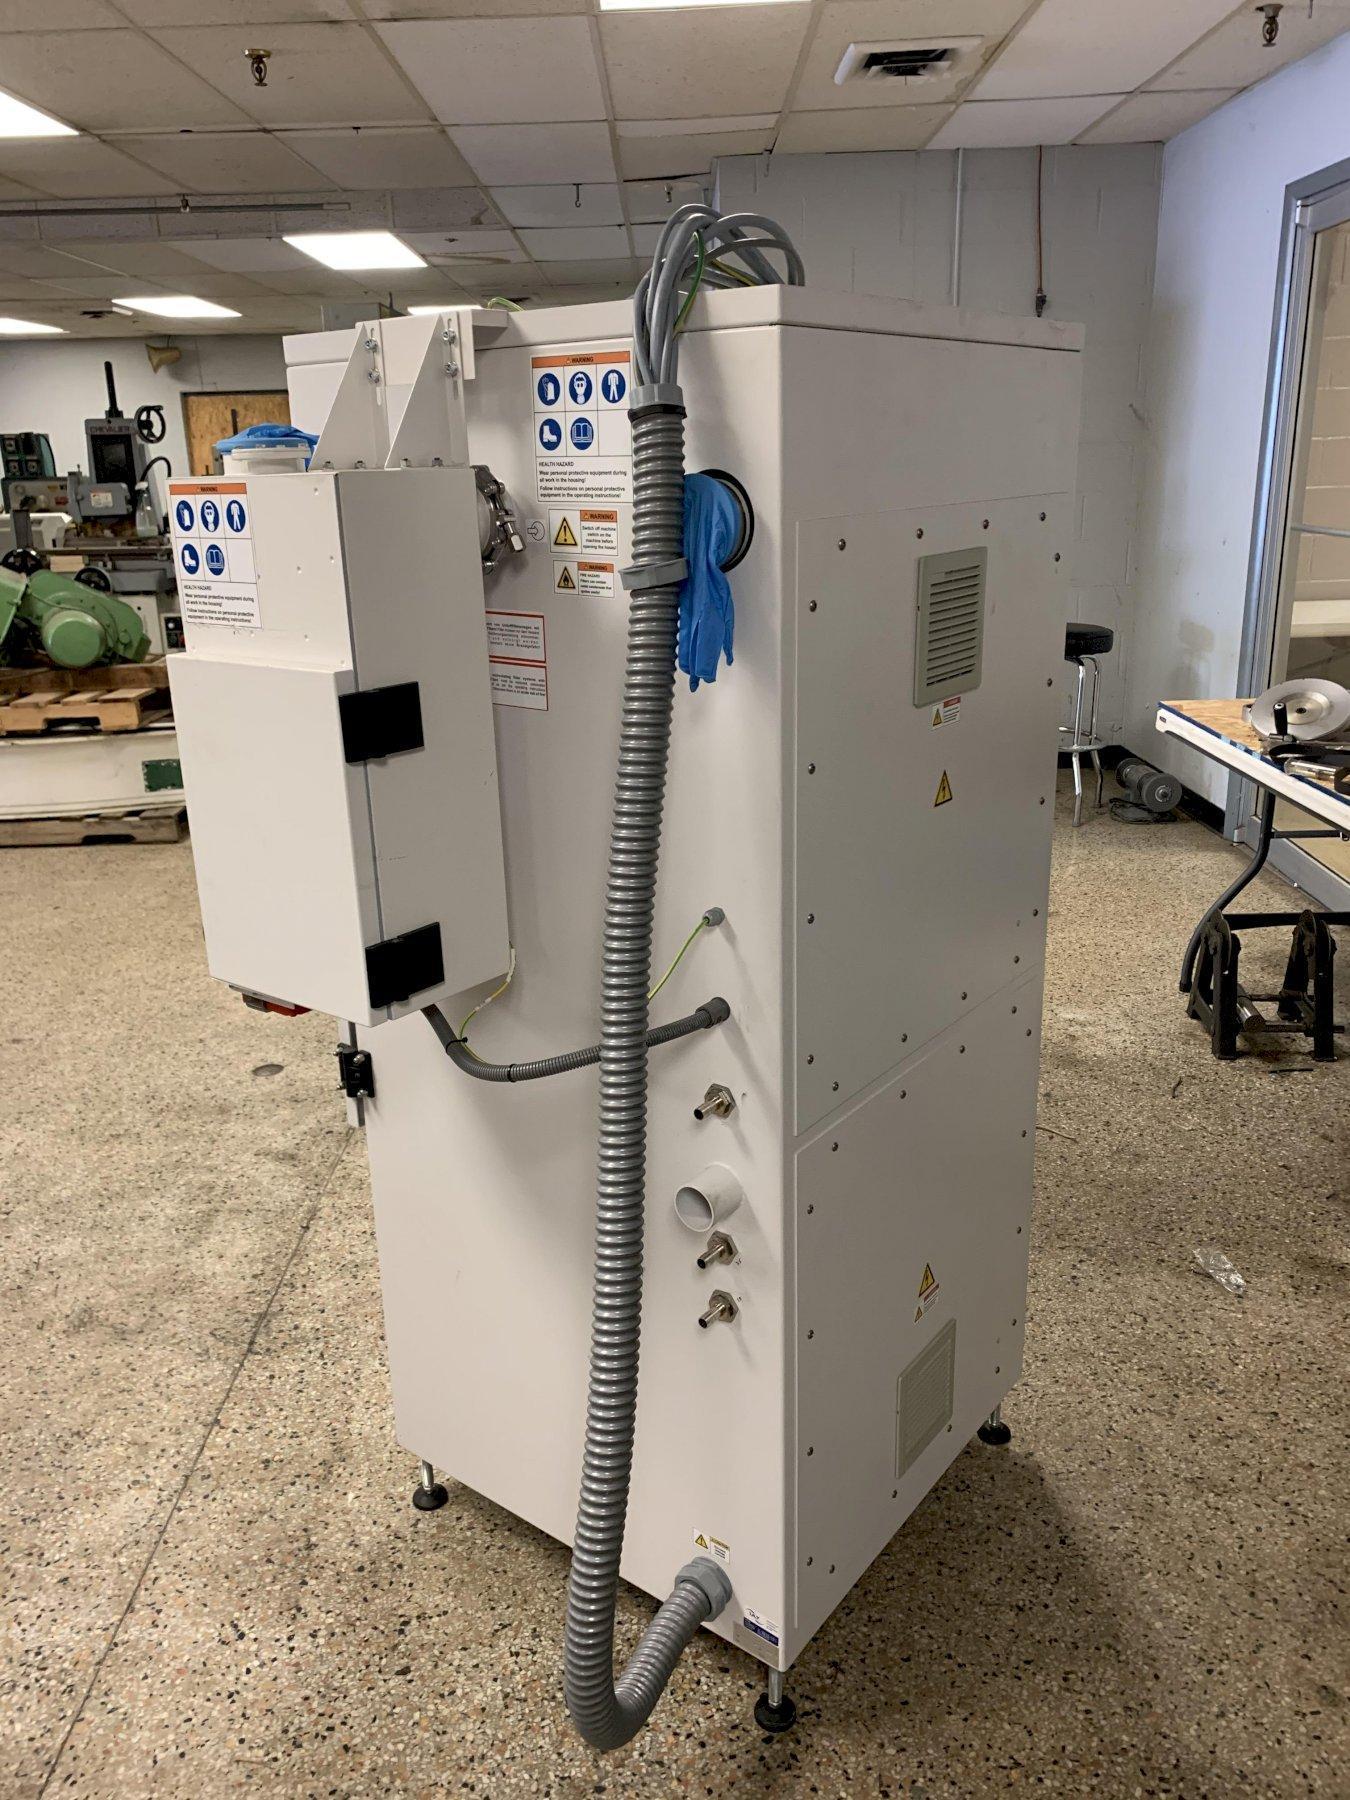 EOSINT M280 3-D Metal Printer with 400-watt Laser